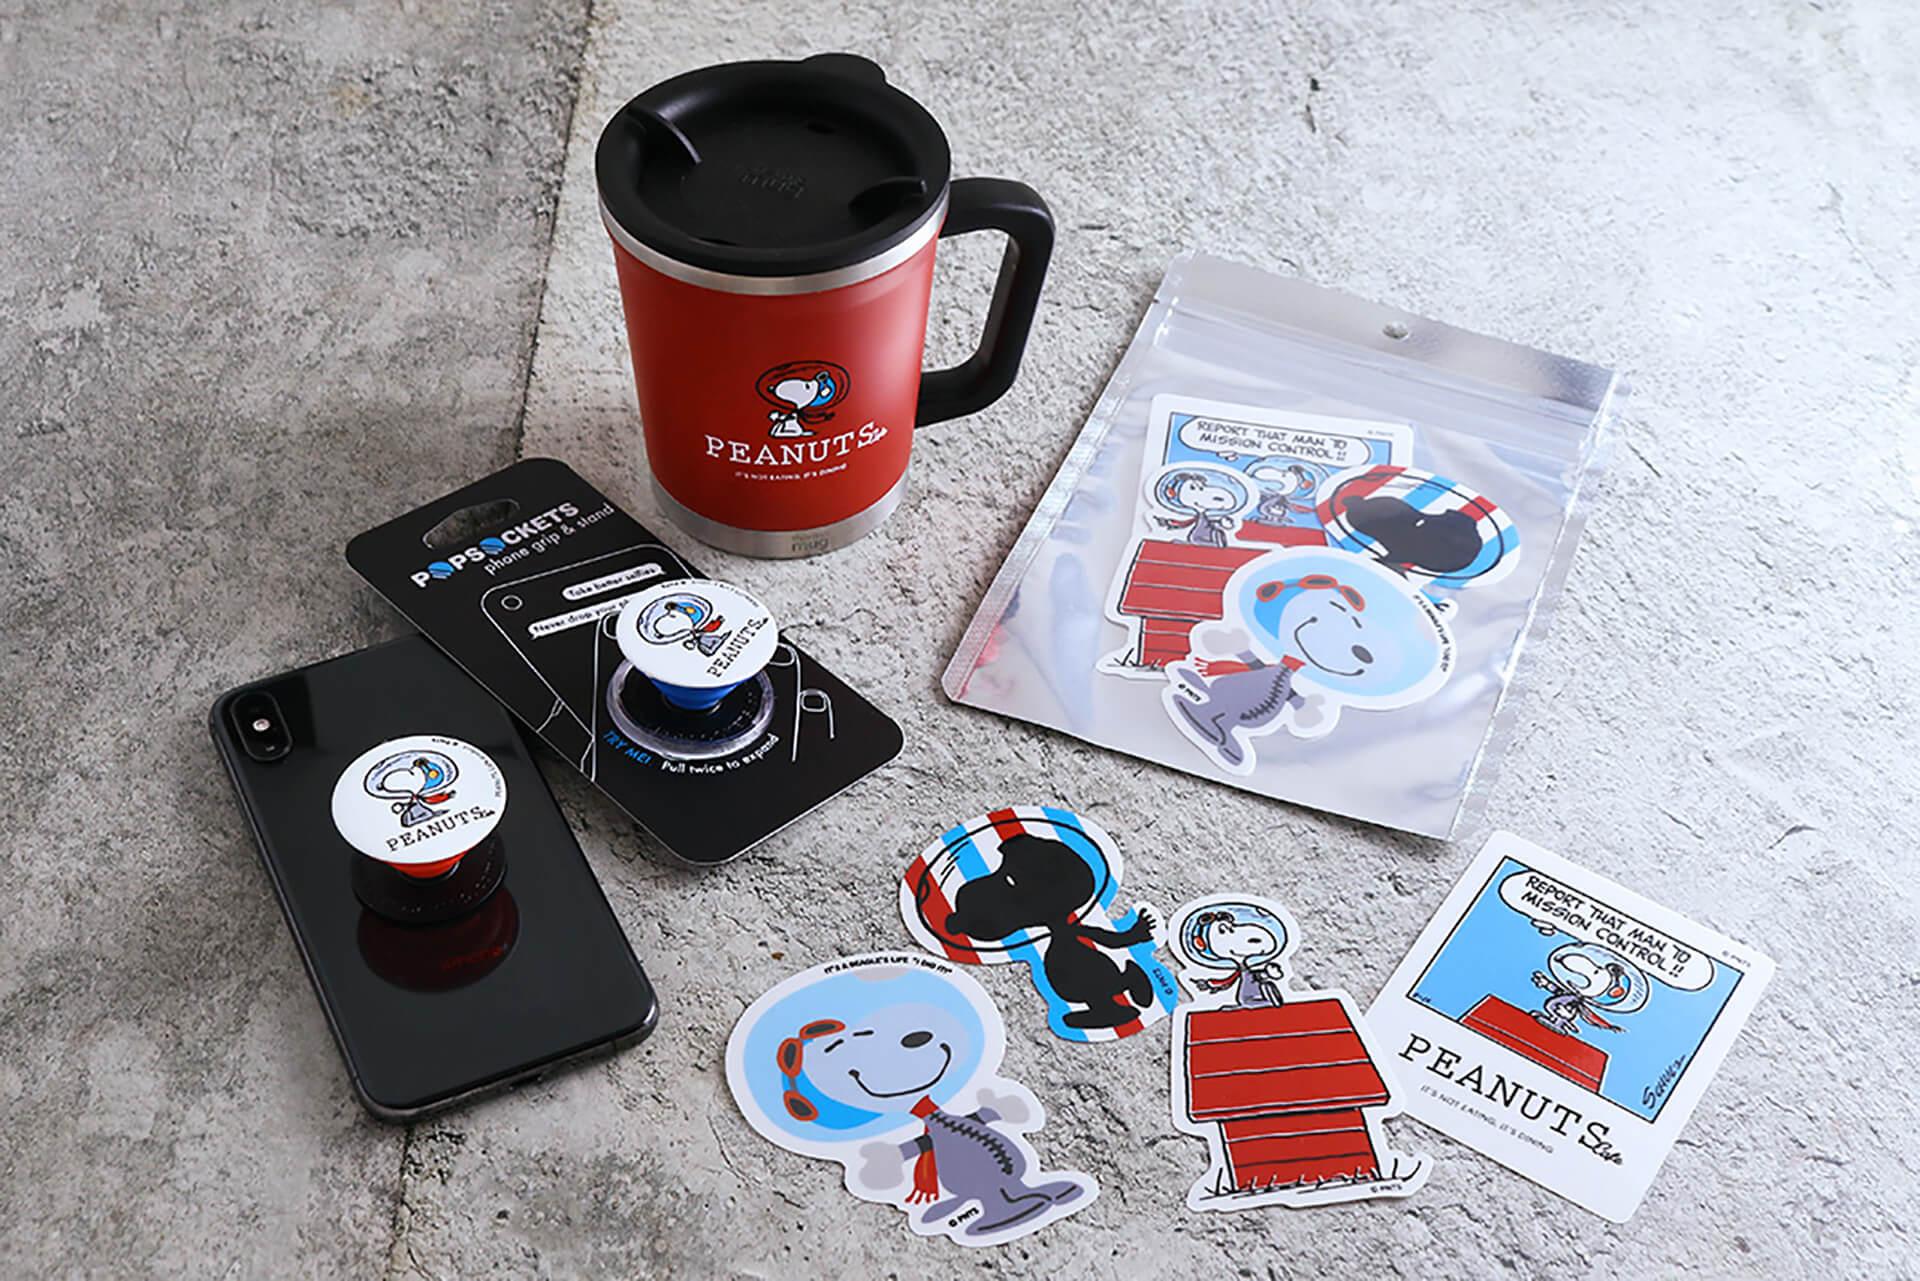 この写真は「PEANUTS Cafe」「PEANUTS DINER」全店開催中の、変装シリーズフェアで販売される関連グッズ集合です。マグや携帯アクセなど